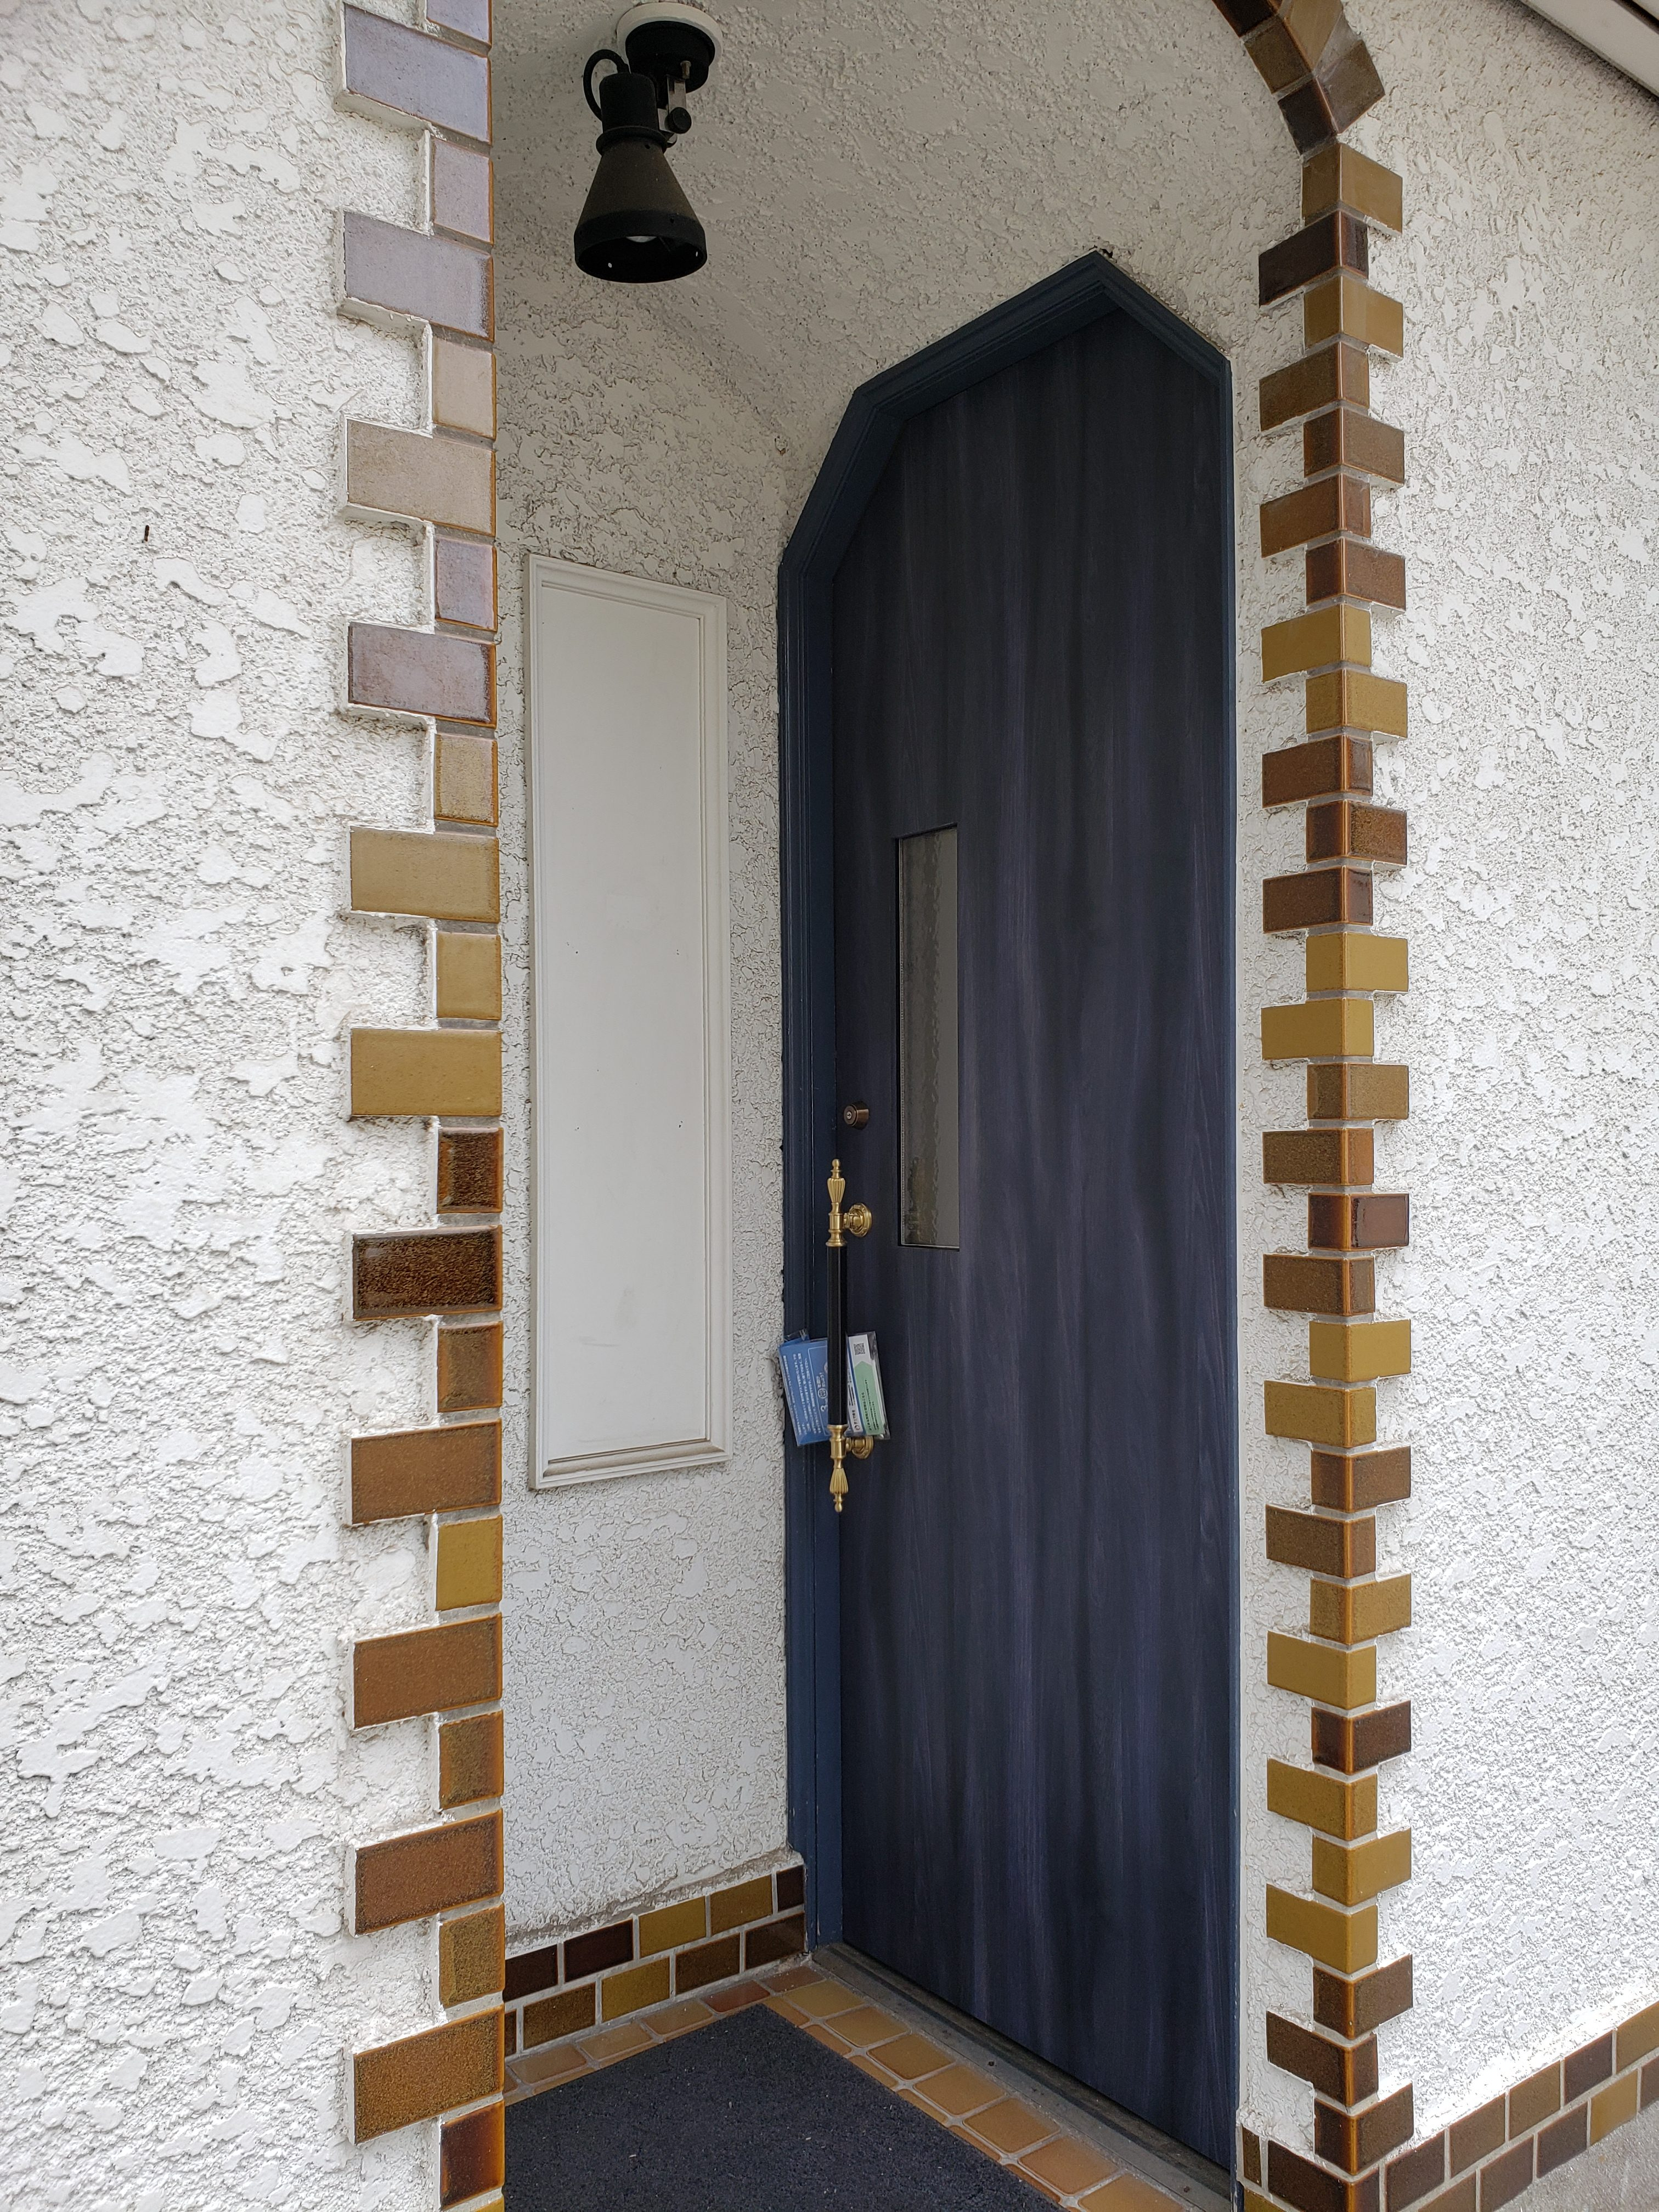 ドア交換 飲食店 ギャラリーパティオの現場ブログ メイン写真